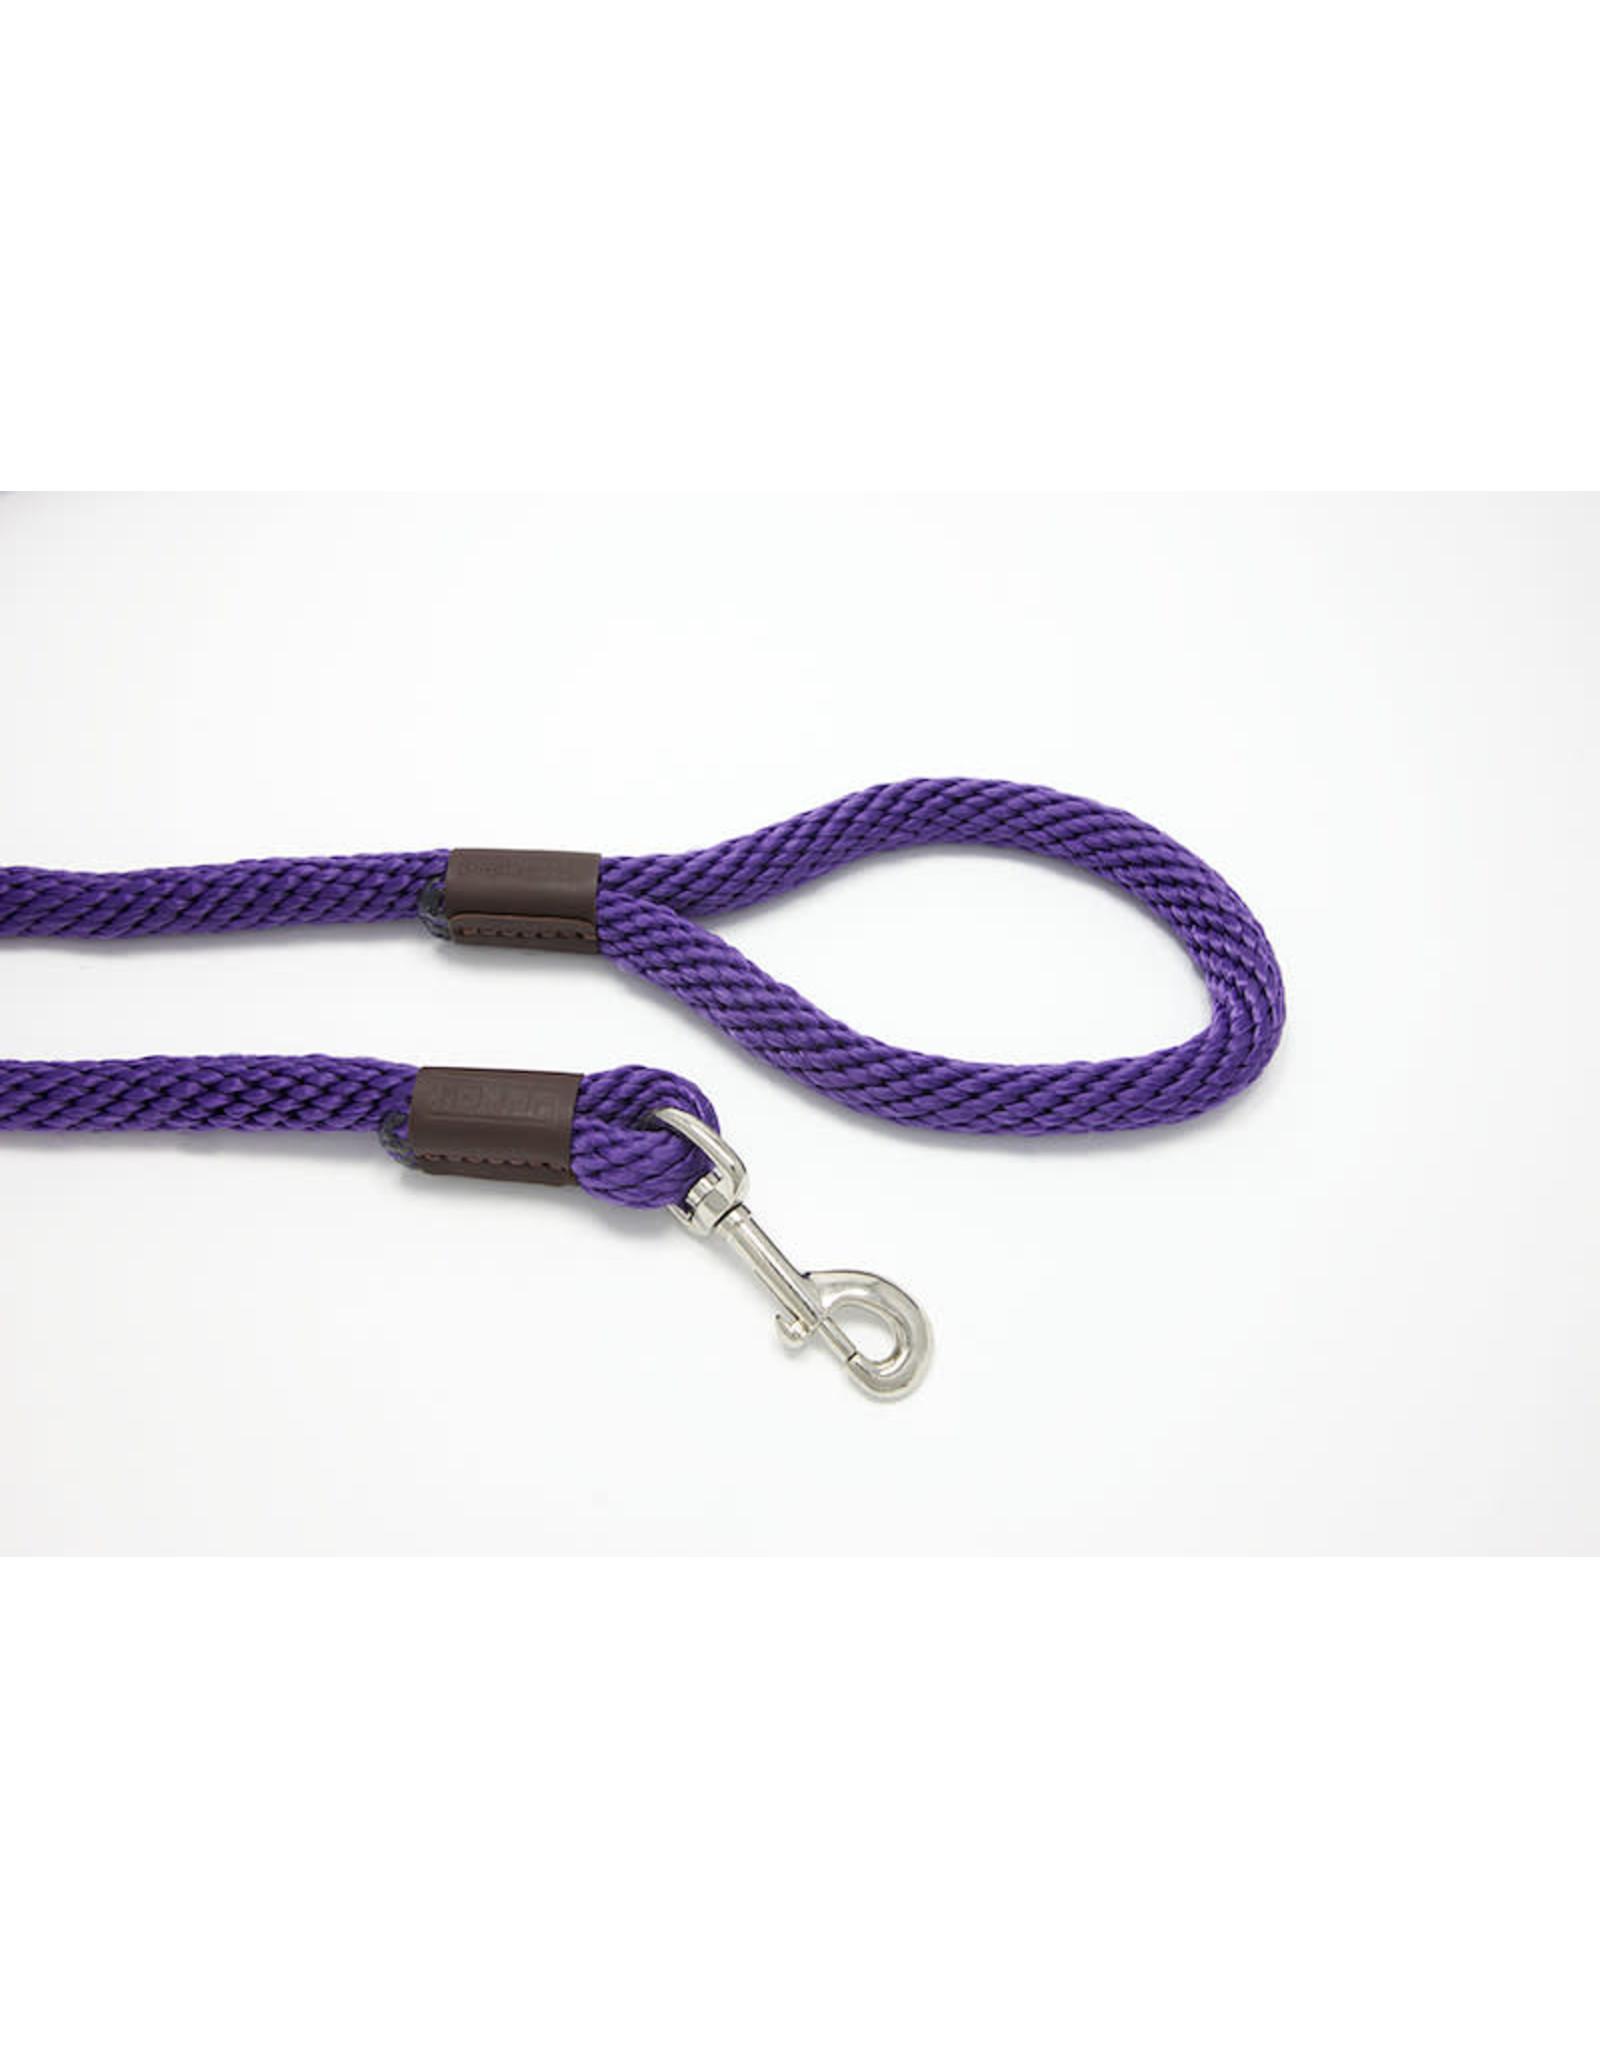 Purple Pebble Leedz: Purple, 4' x 5/8